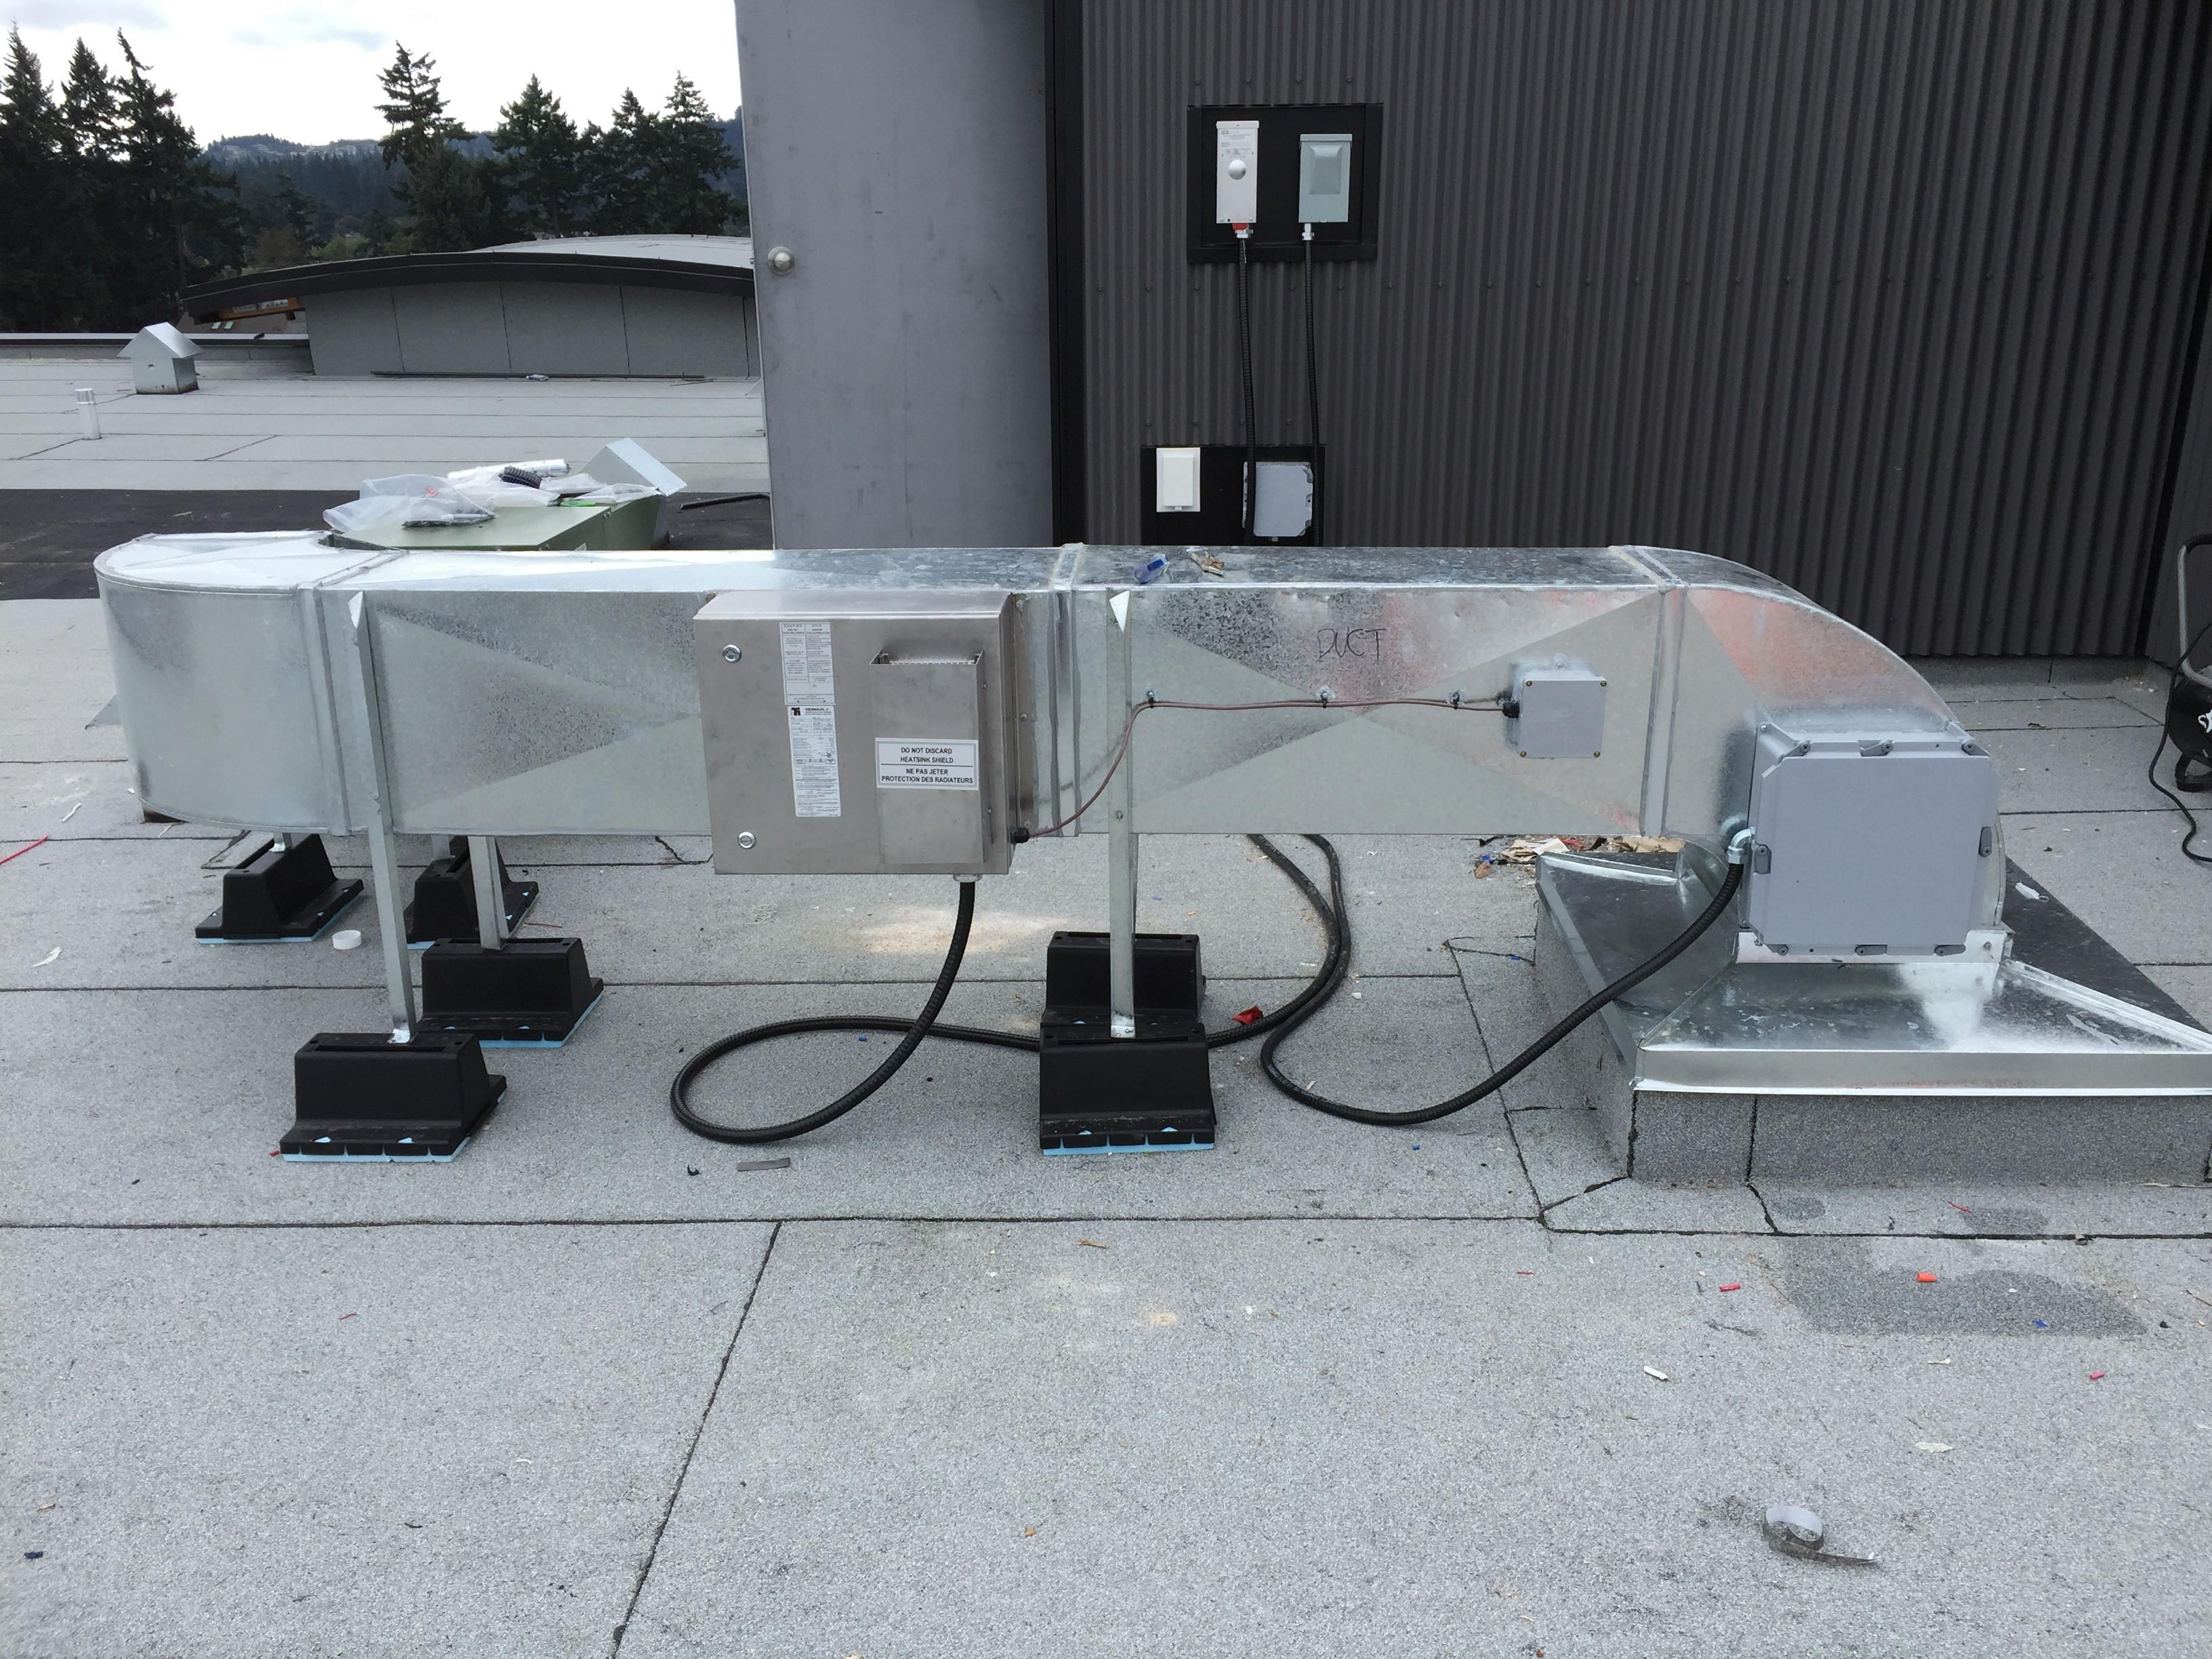 Condo hall pressurization systems